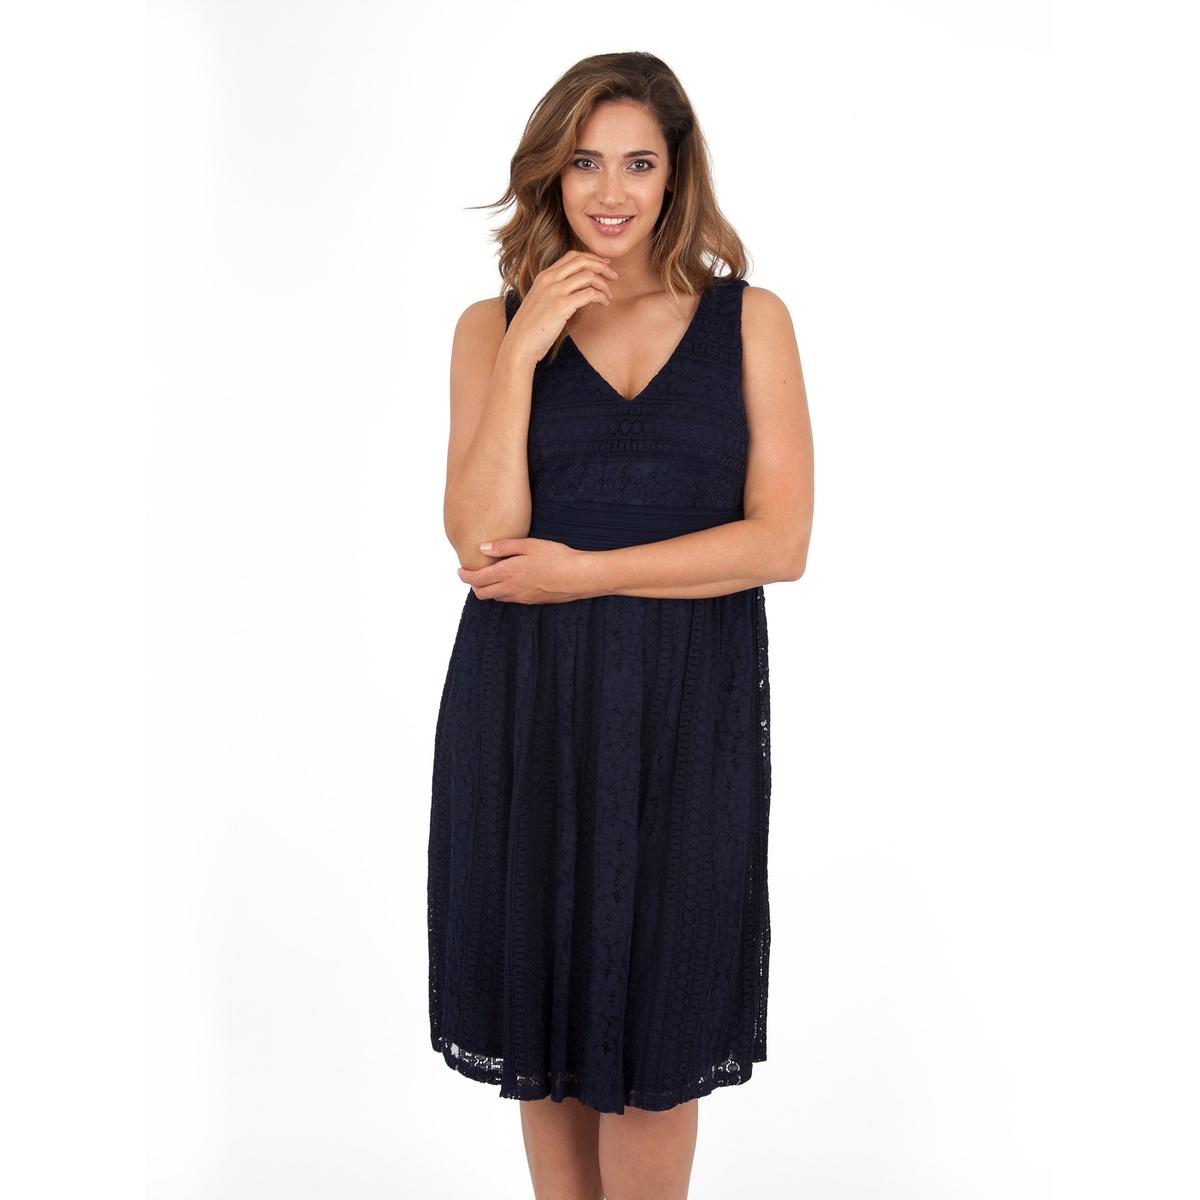 ПлатьеПлатье без рукавов - KOKO BY KOKO. Красивое кружевное платье. Разрез с застежкой сзади. Длина ок.104 см. 100% полиэстера.<br><br>Цвет: темно-синий<br>Размер: 46 (FR) - 52 (RUS).54/56 (FR) - 60/62 (RUS)